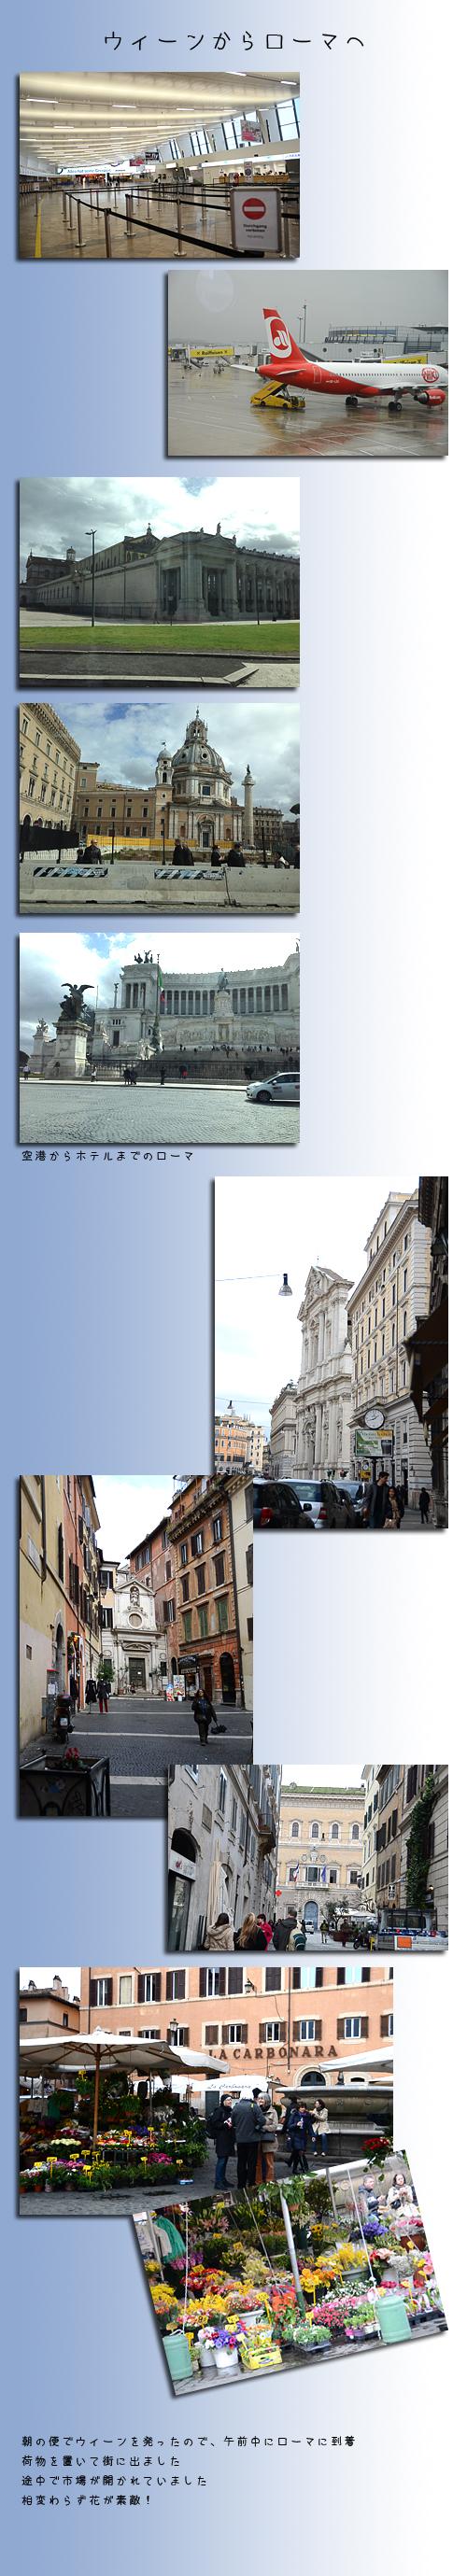 3月26日ローマ1